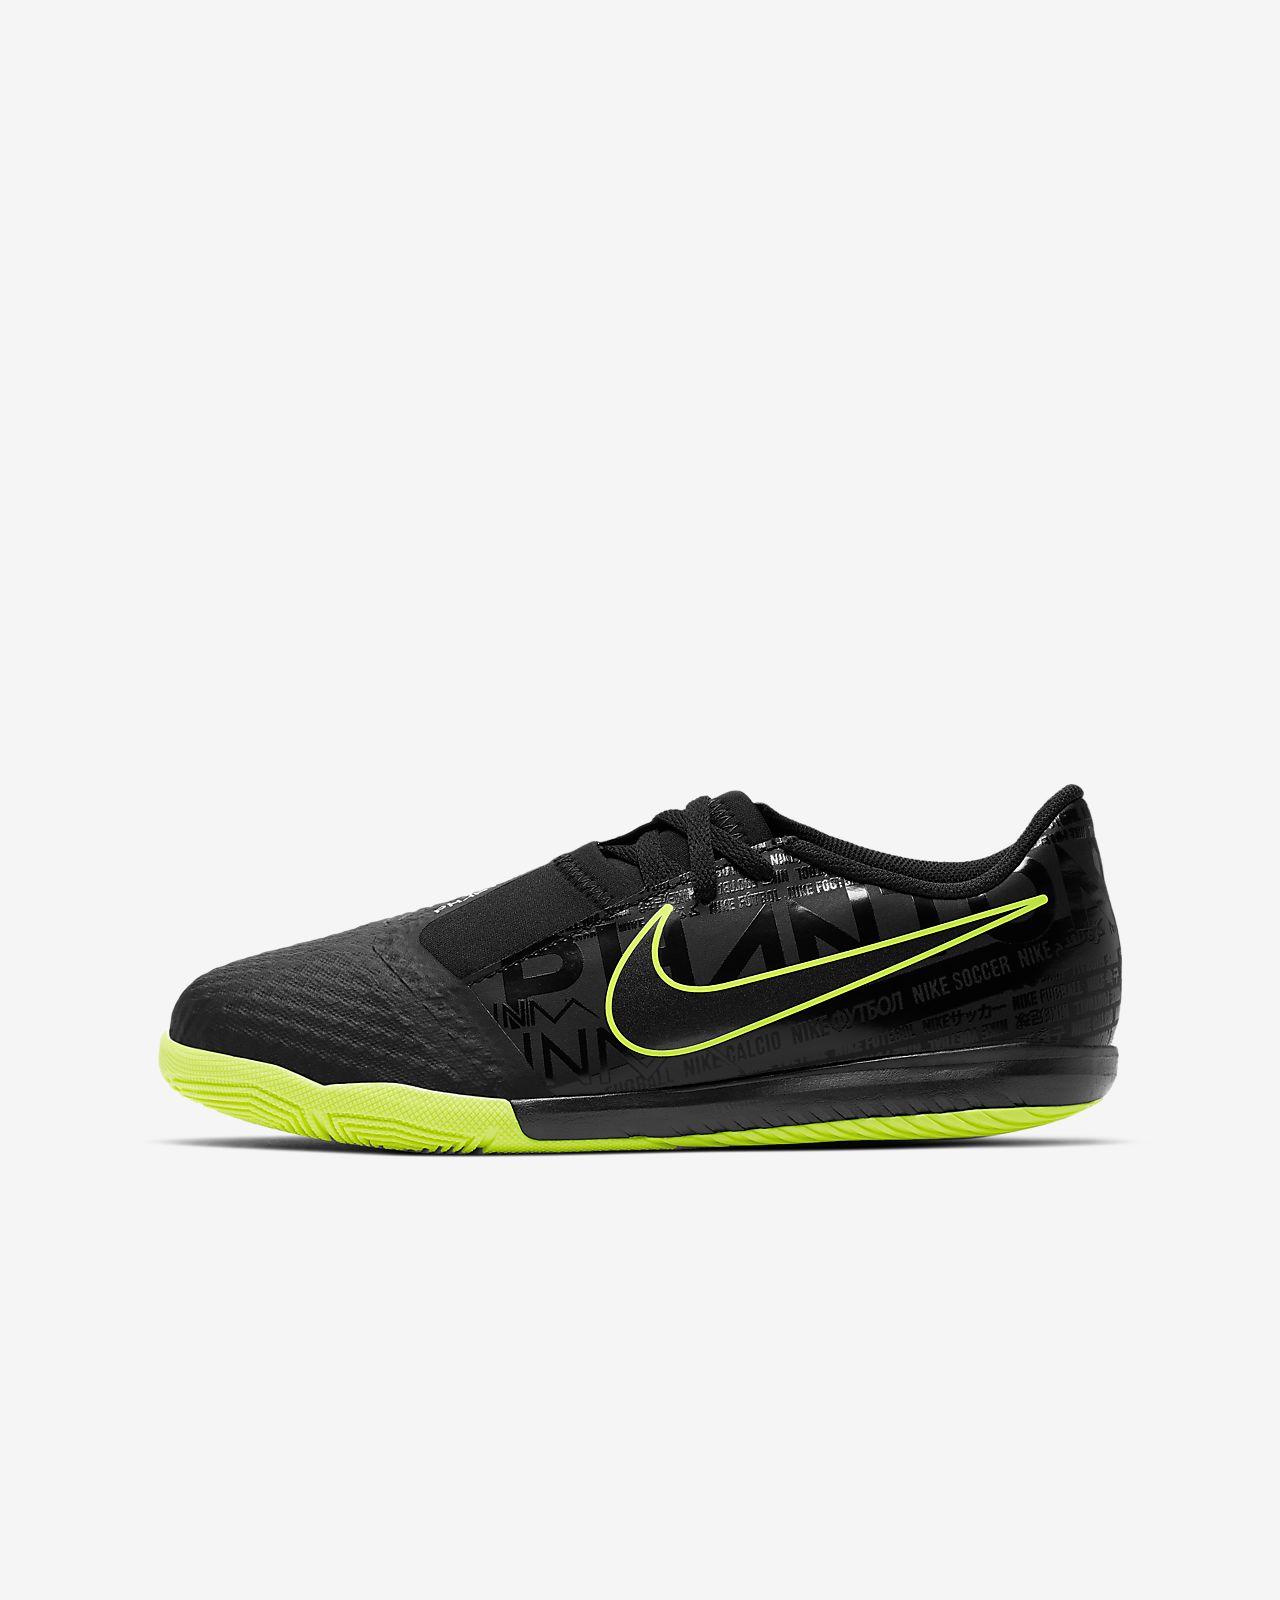 Nike Jr Phantom Venom Academy Ic Fussballschuh Fur Hallen Und Hartplatze Fur Altere Kinder